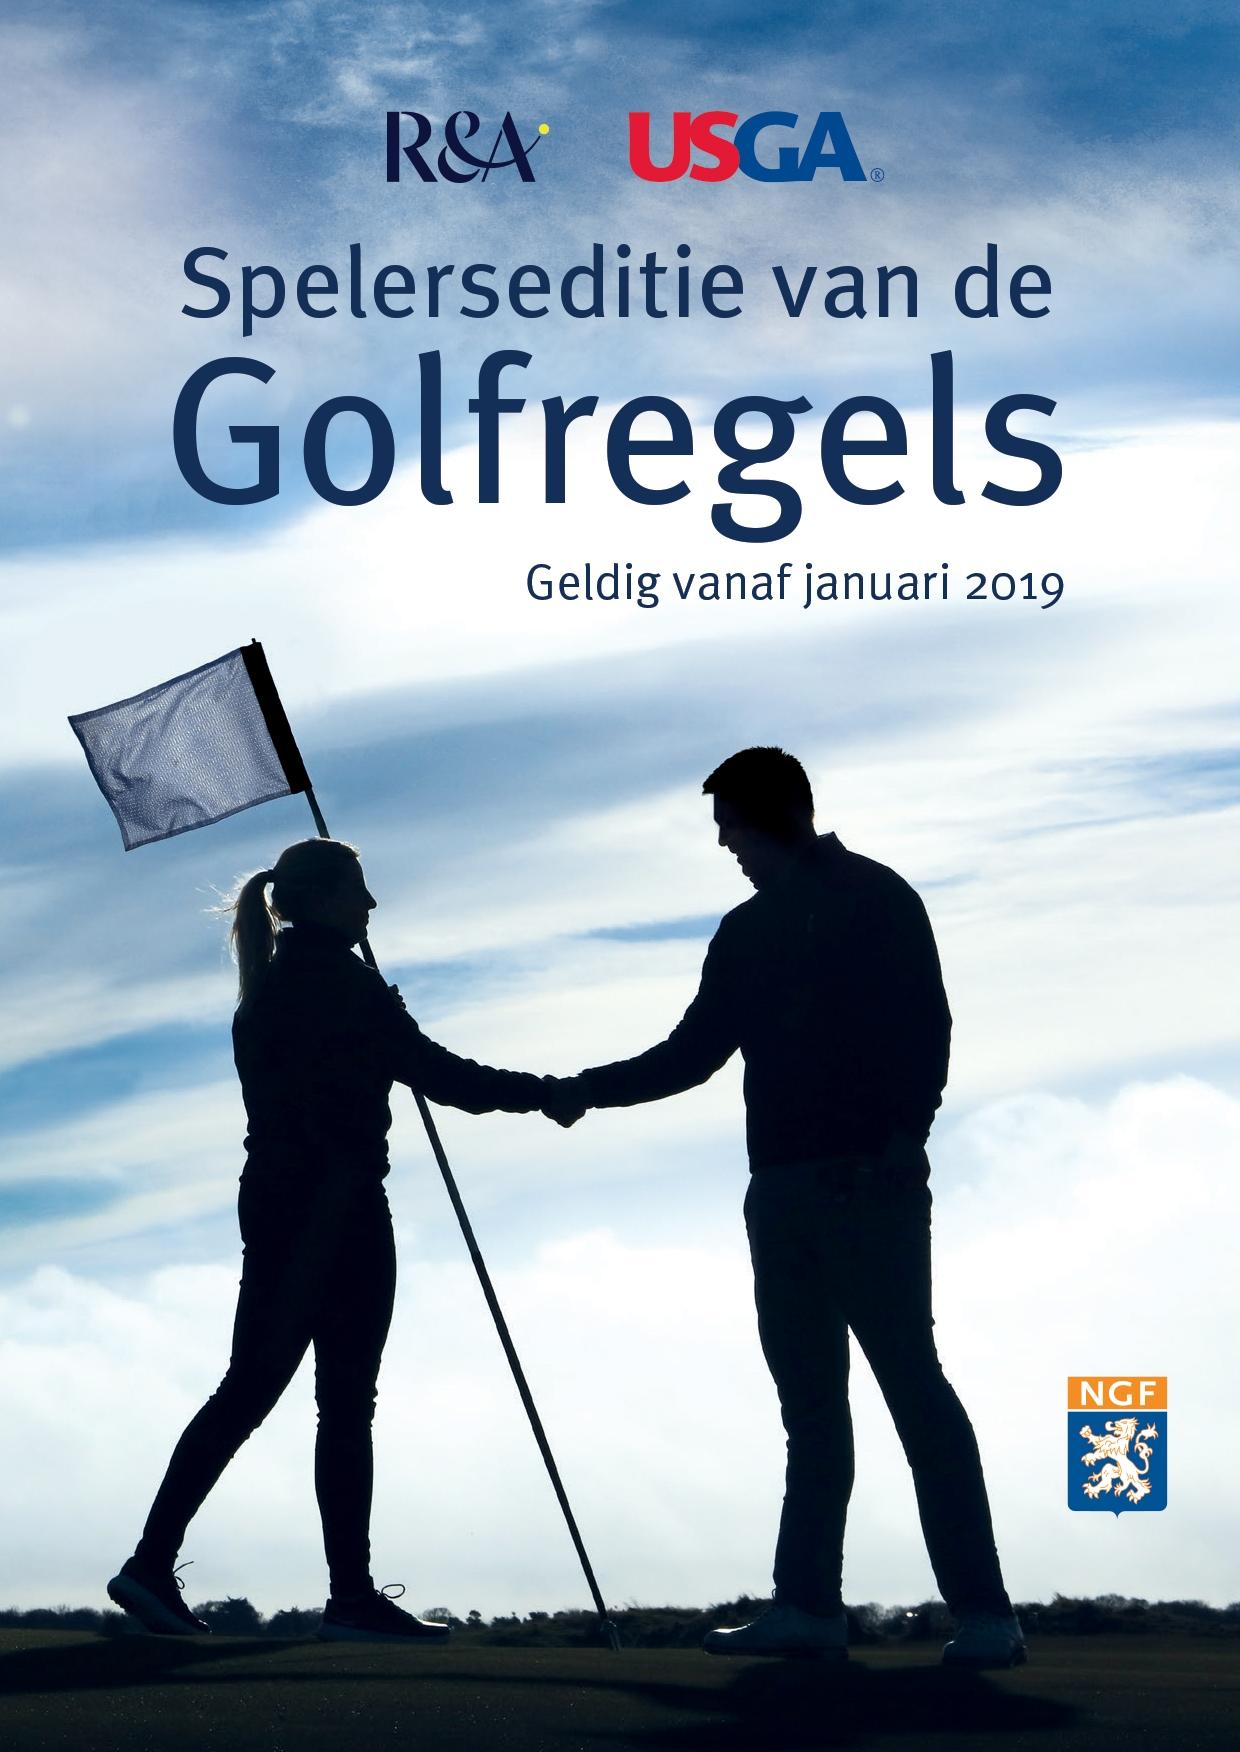 Golfregels - Spelerseditie 2019 (NL)